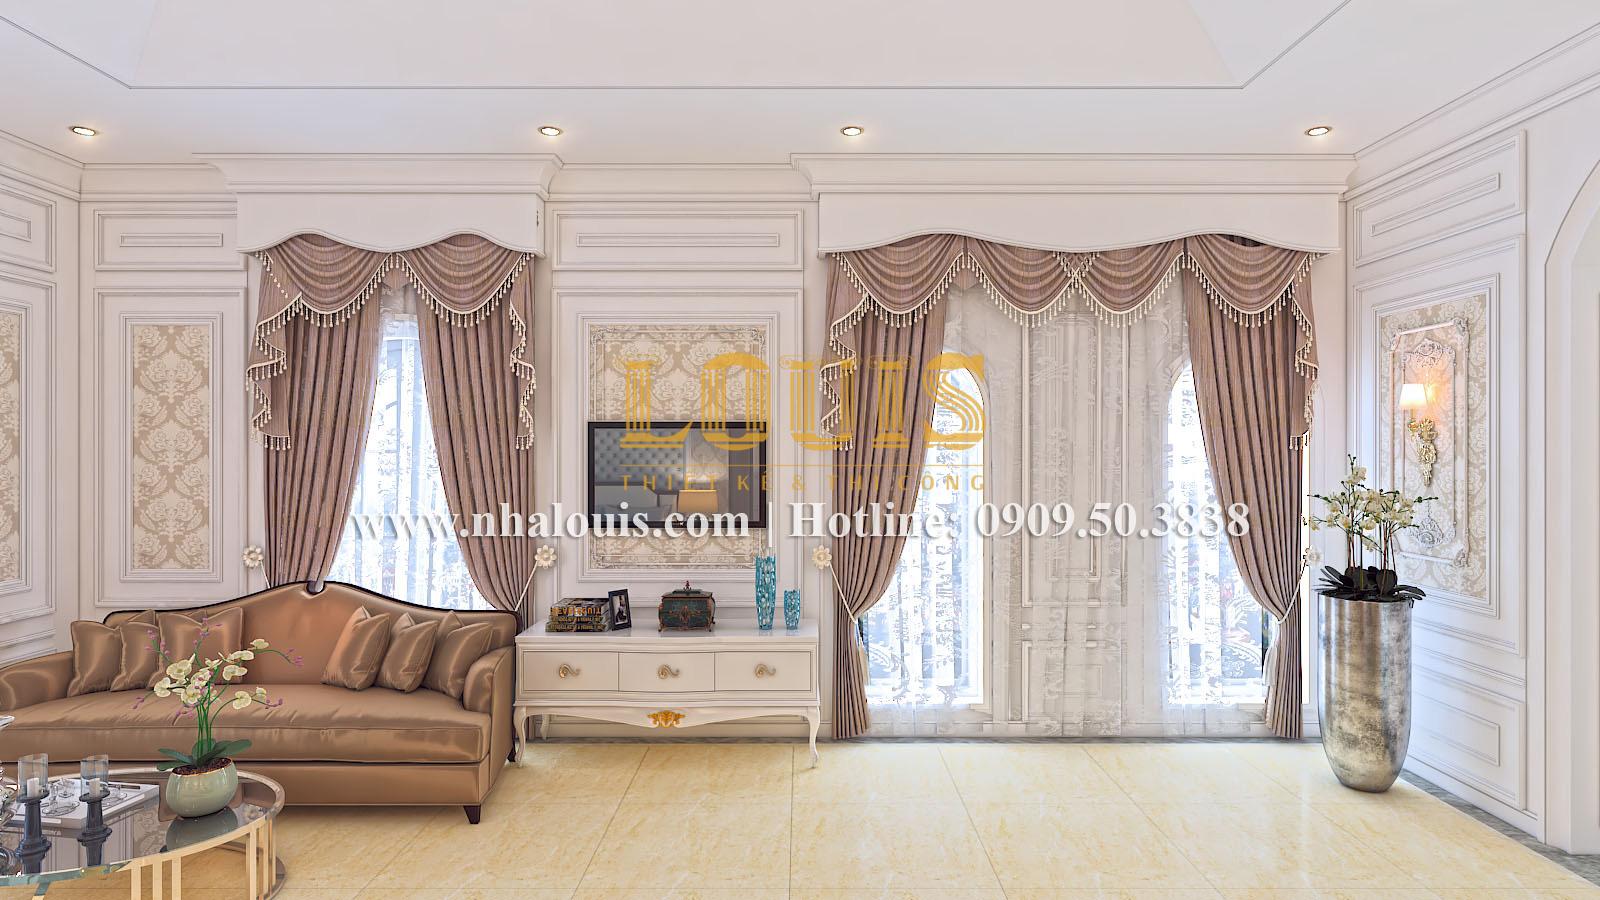 Phòng ngủ Mẫu biệt thự kiến trúc Pháp tại Đồng Nai đẹp hoa lệ - 27